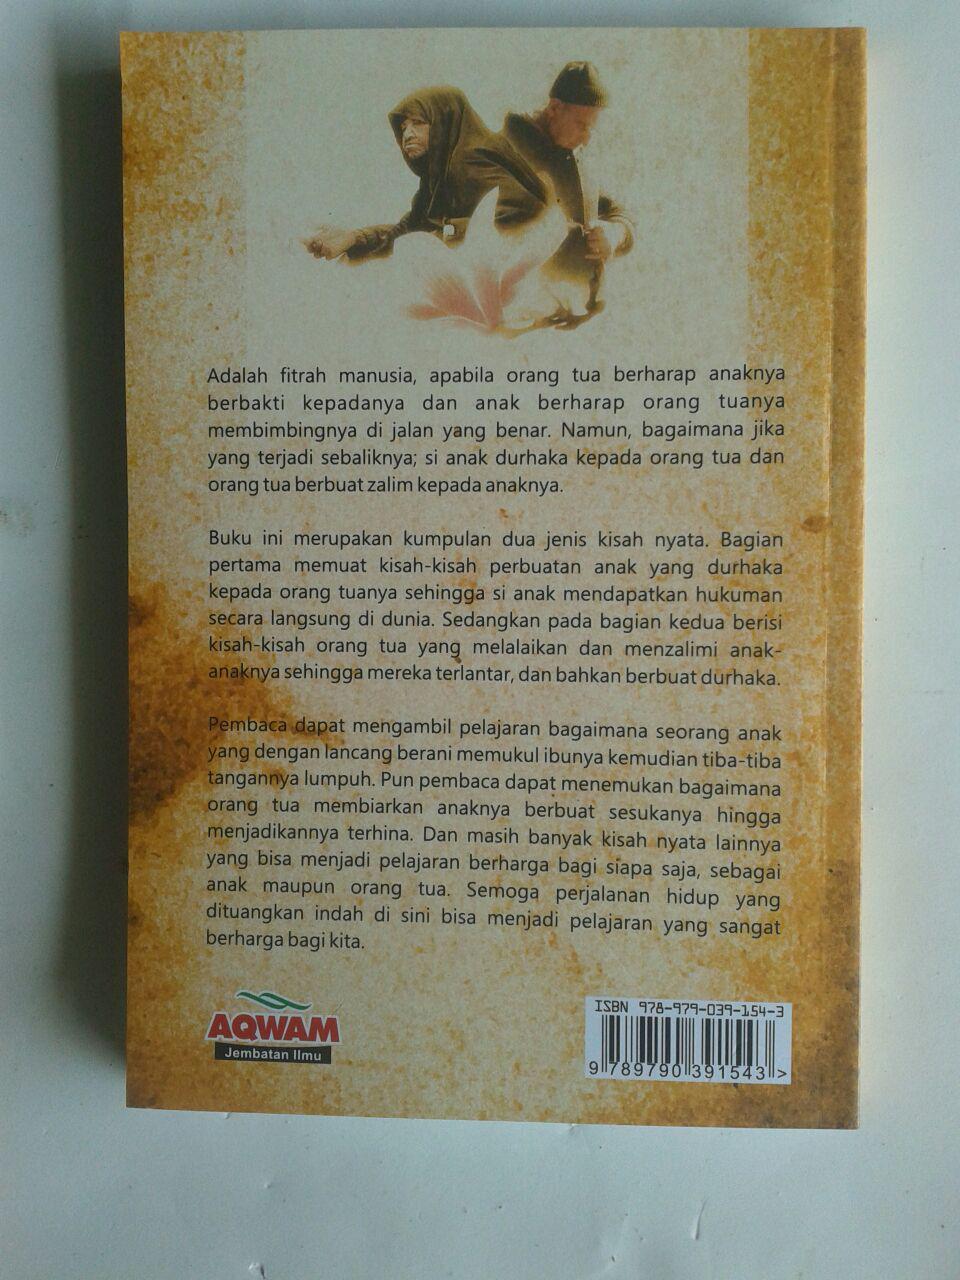 Buku Kisah-Kisah Anak Durhaka Dilengkapi Kisah Orangtua Lalai cover